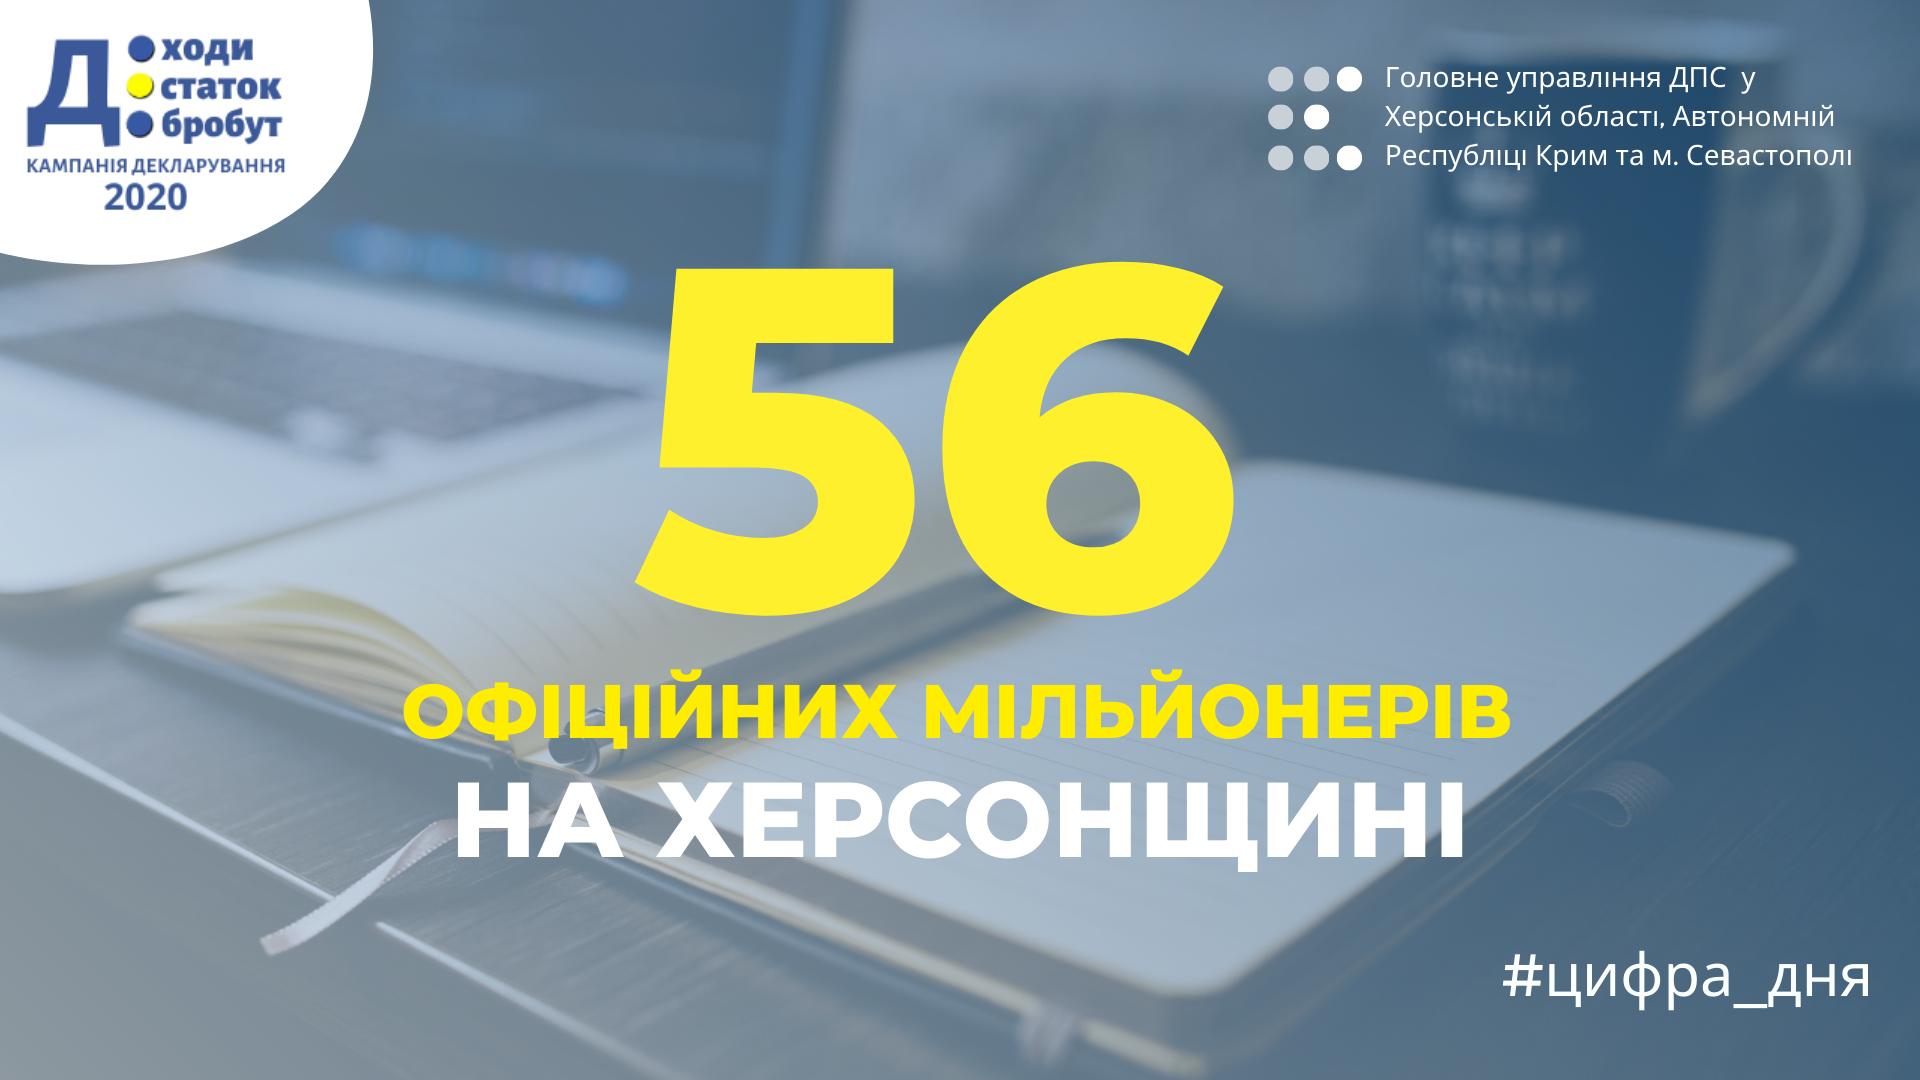 На Херсонщине зарегистрировано 56 официальных миллионеров